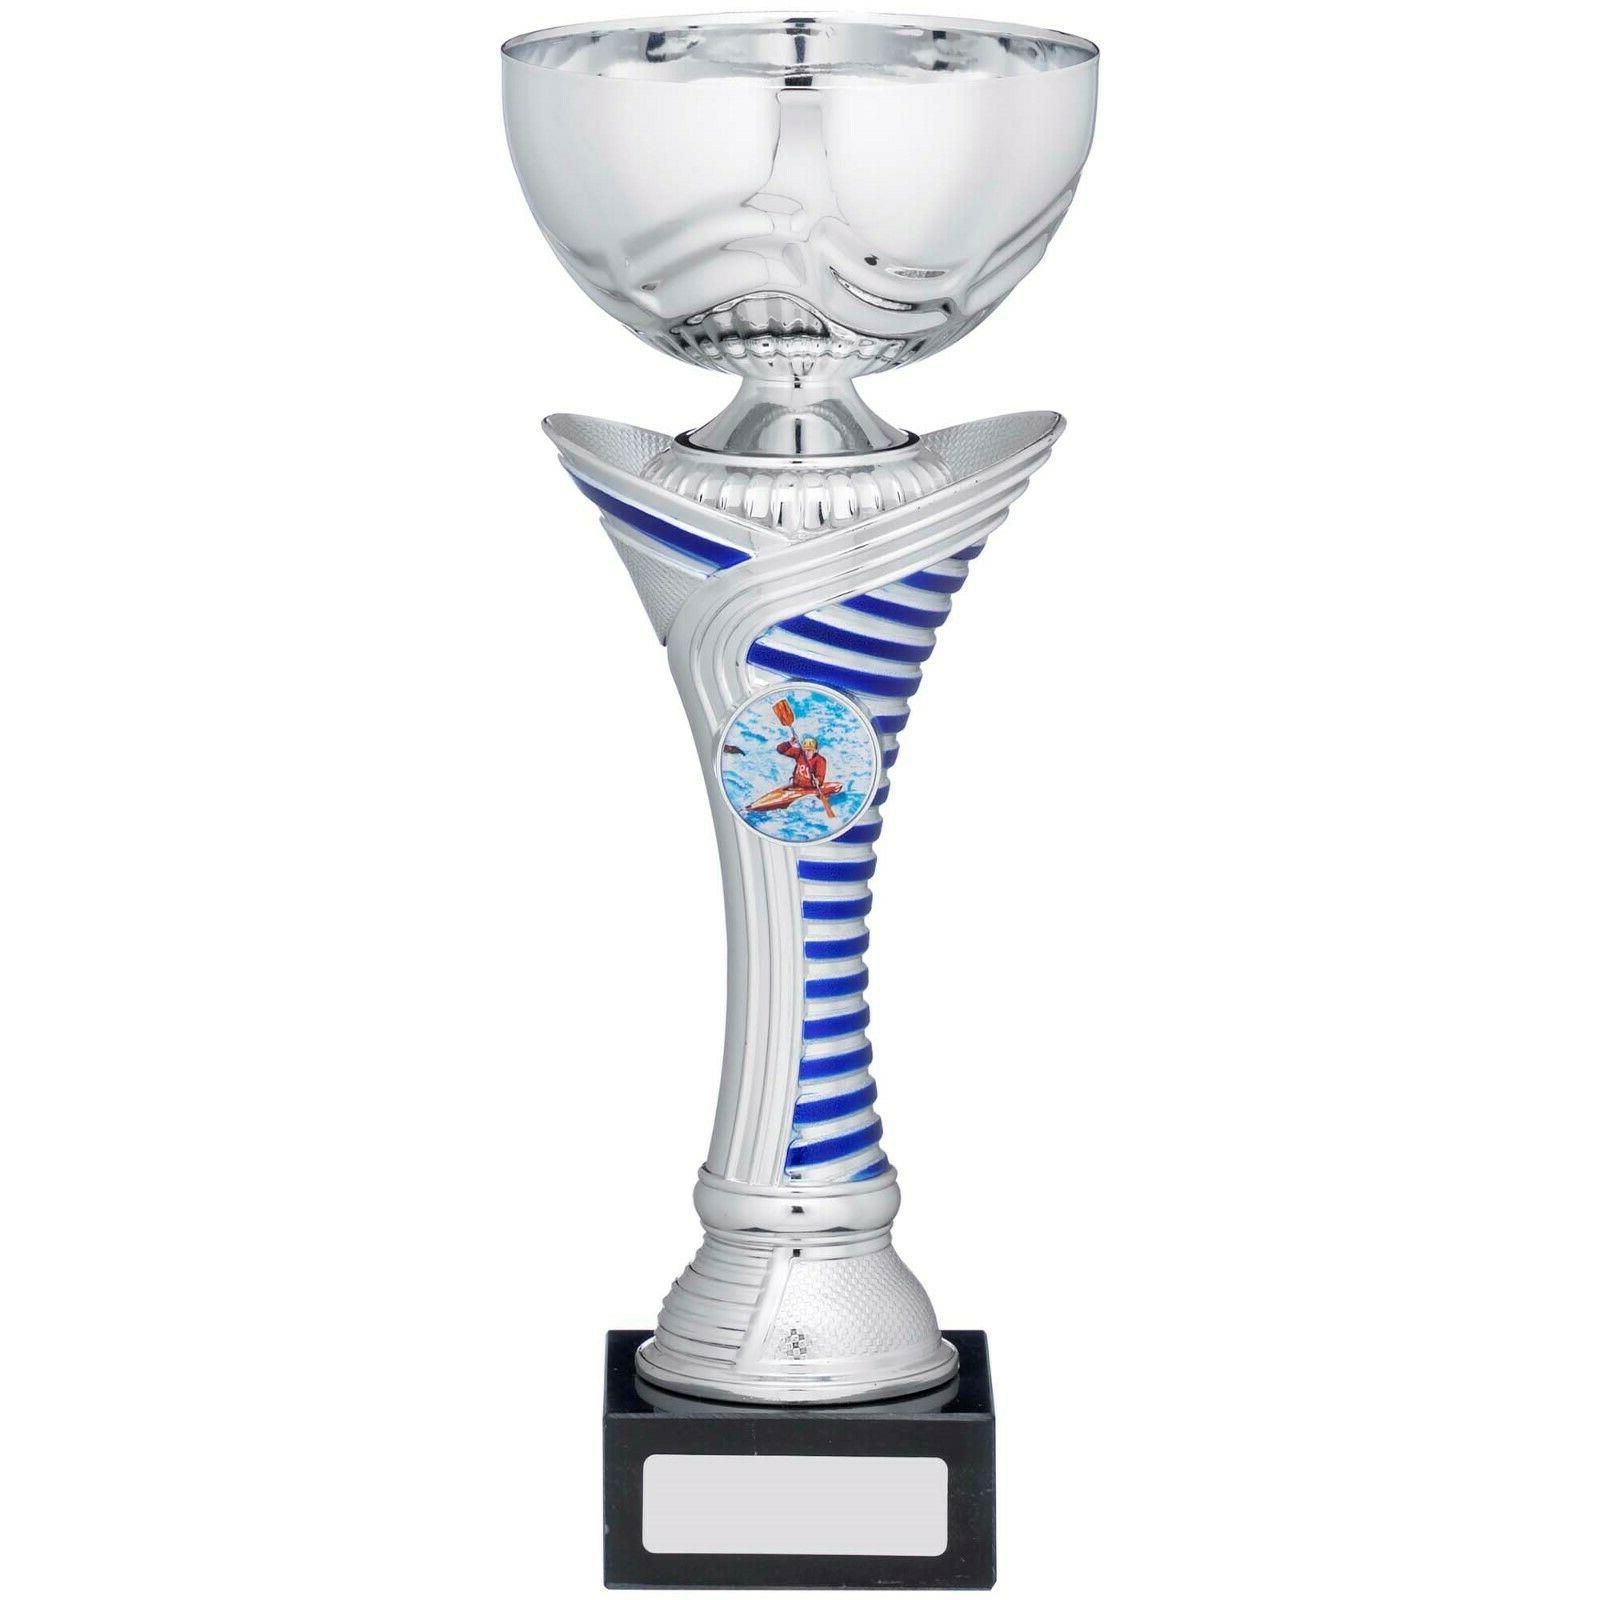 multisport cup silver blue stripe award trophy